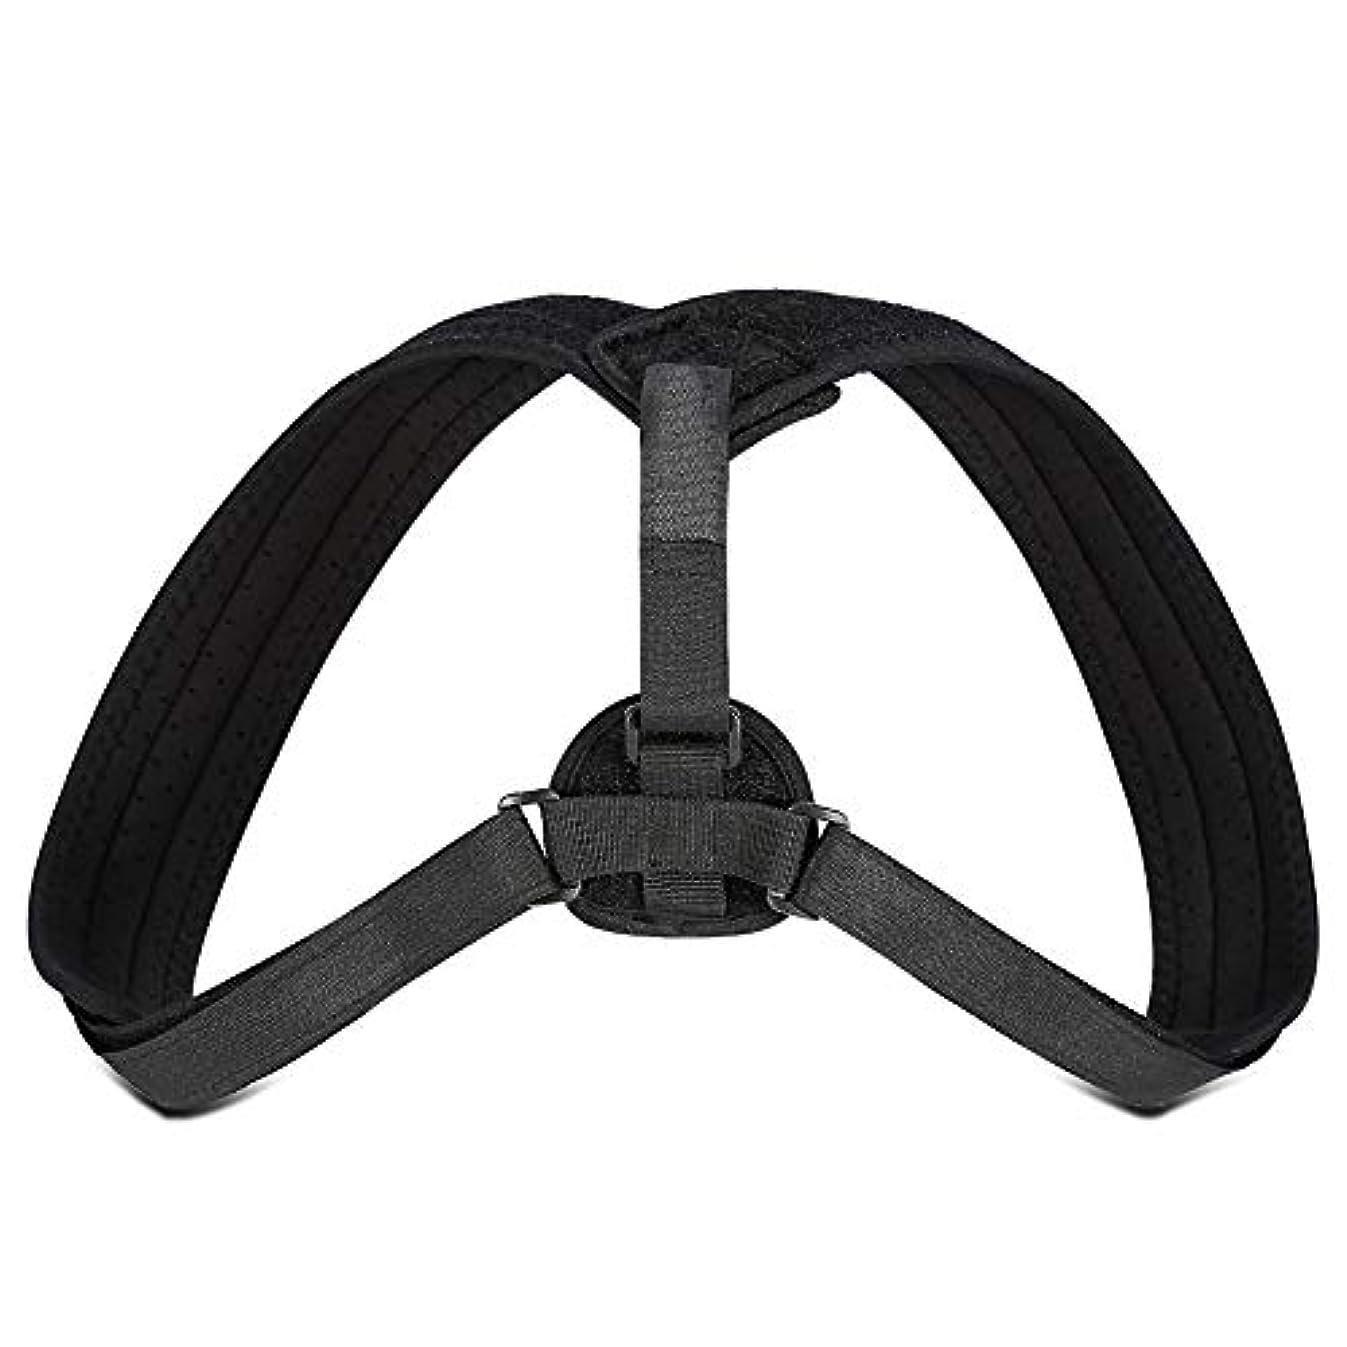 戦争ユーモアスクラップYosoo Posture Corrector - ブレースアッパーバックネックショルダーサポートアジャスタブルストラップ、肩の体位補正、整形外科用こぶの緩和のための包帯矯正、ティーン用